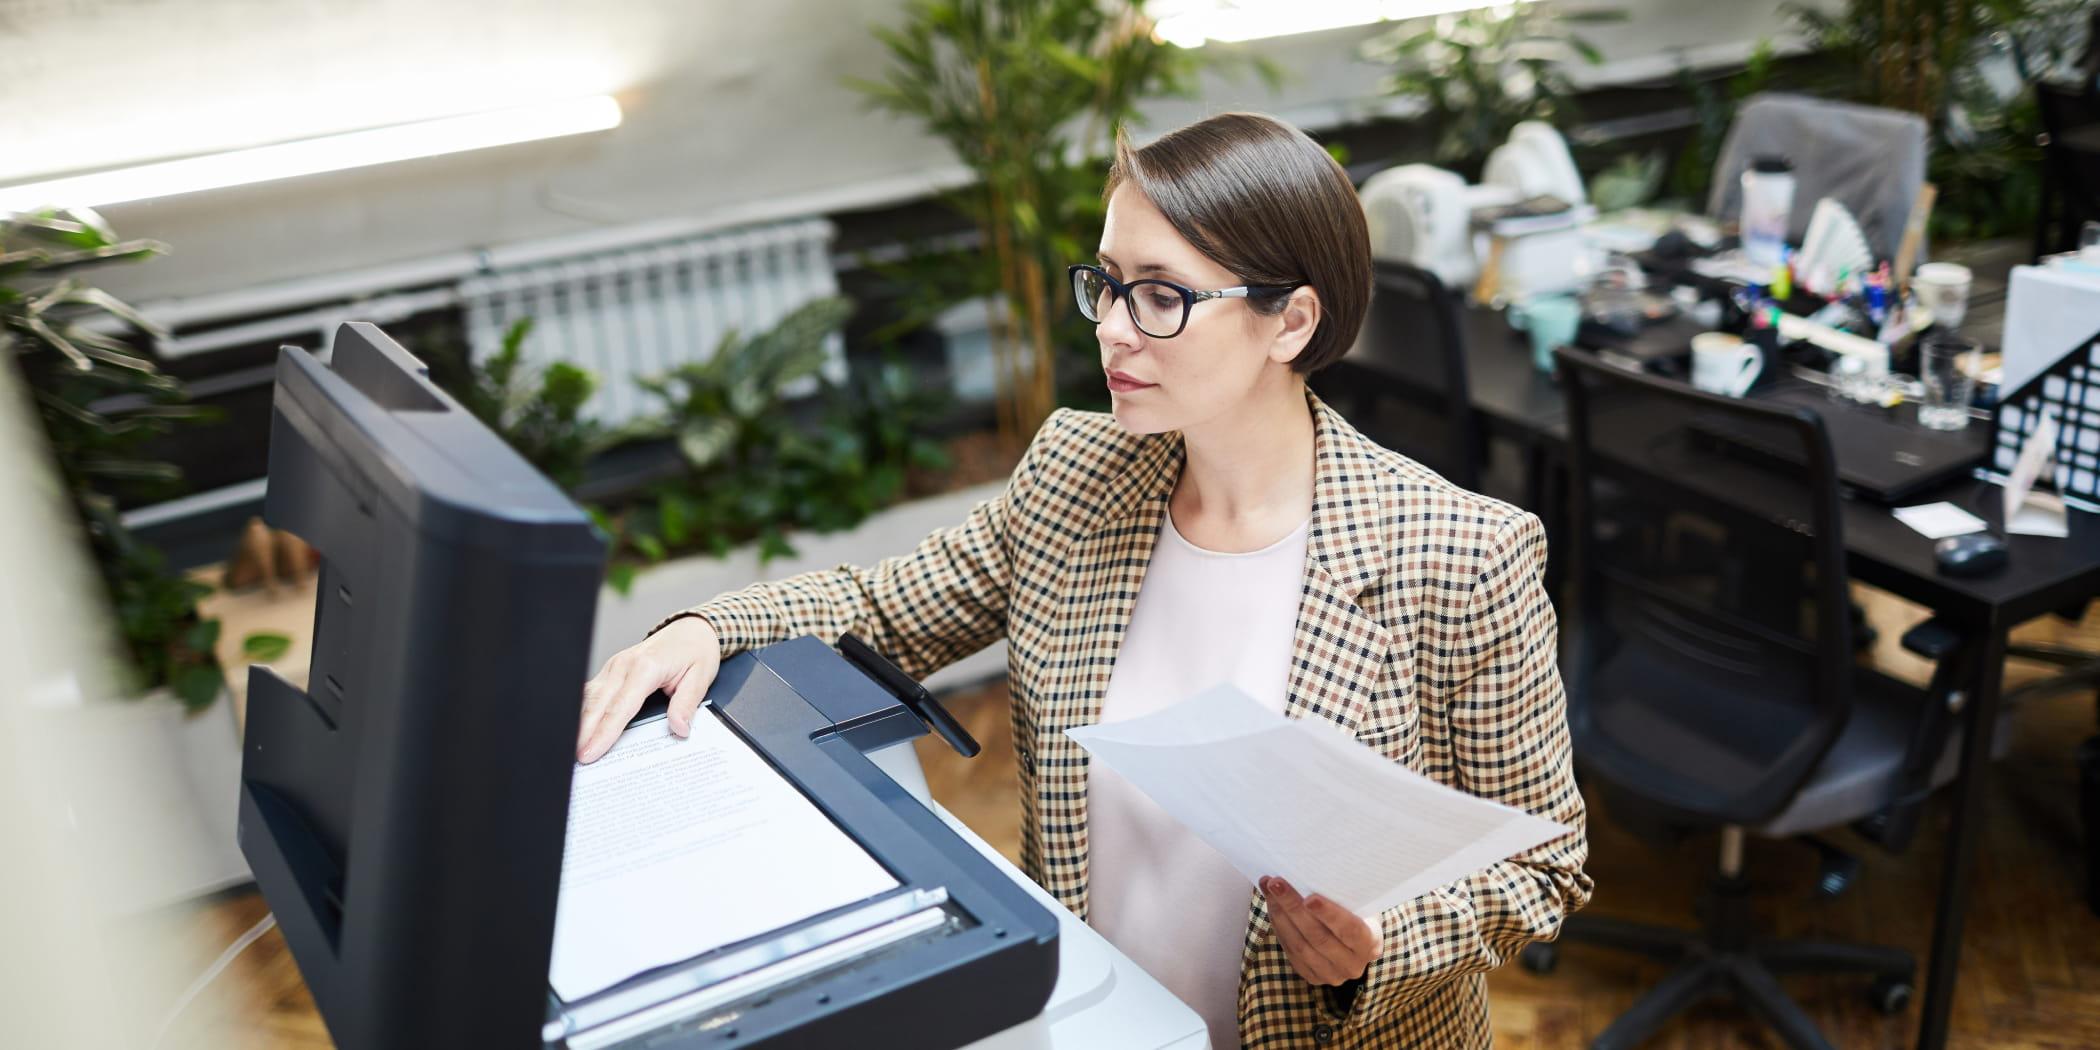 сканирование, документы, важно